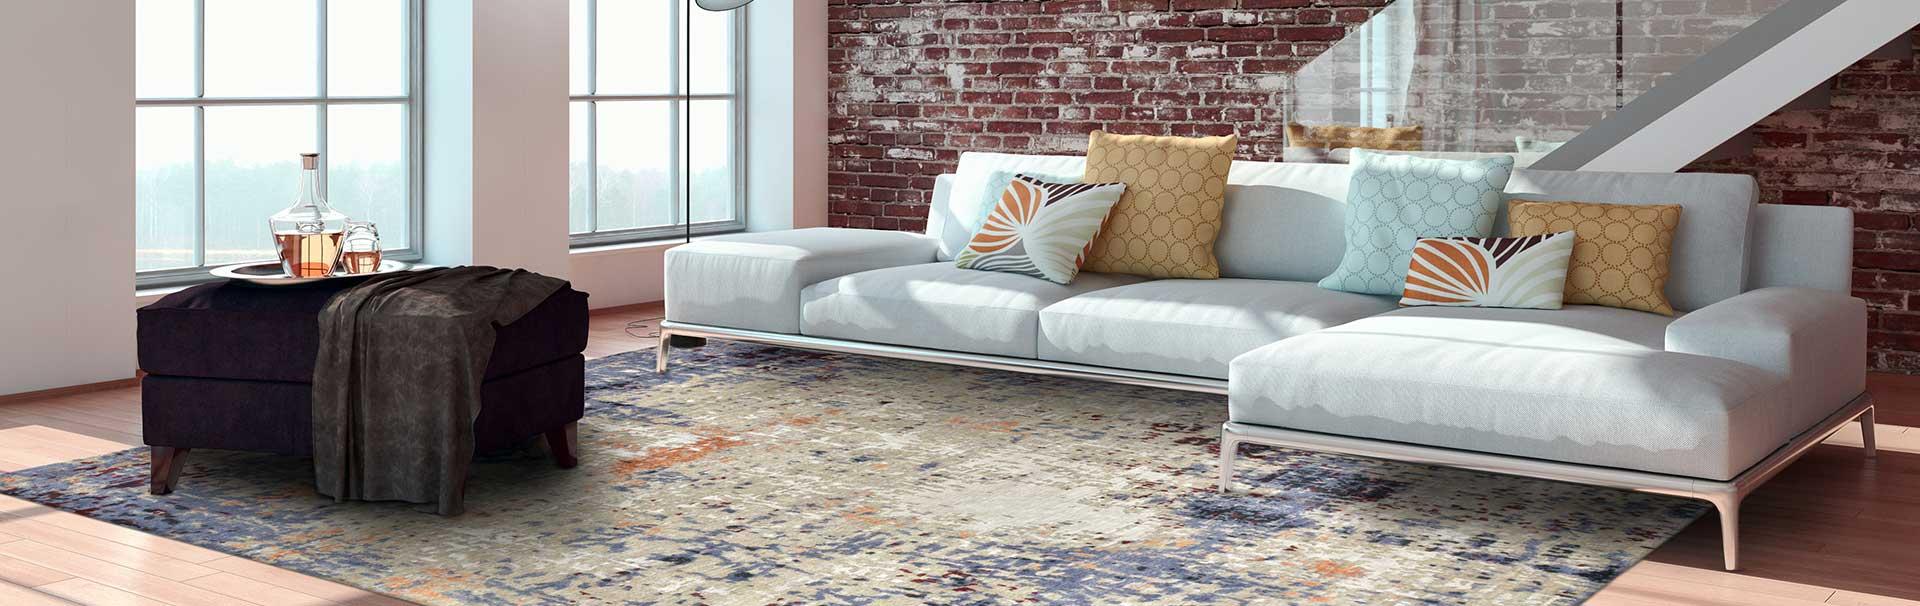 ¿Qué tipo de alfombra comprar?